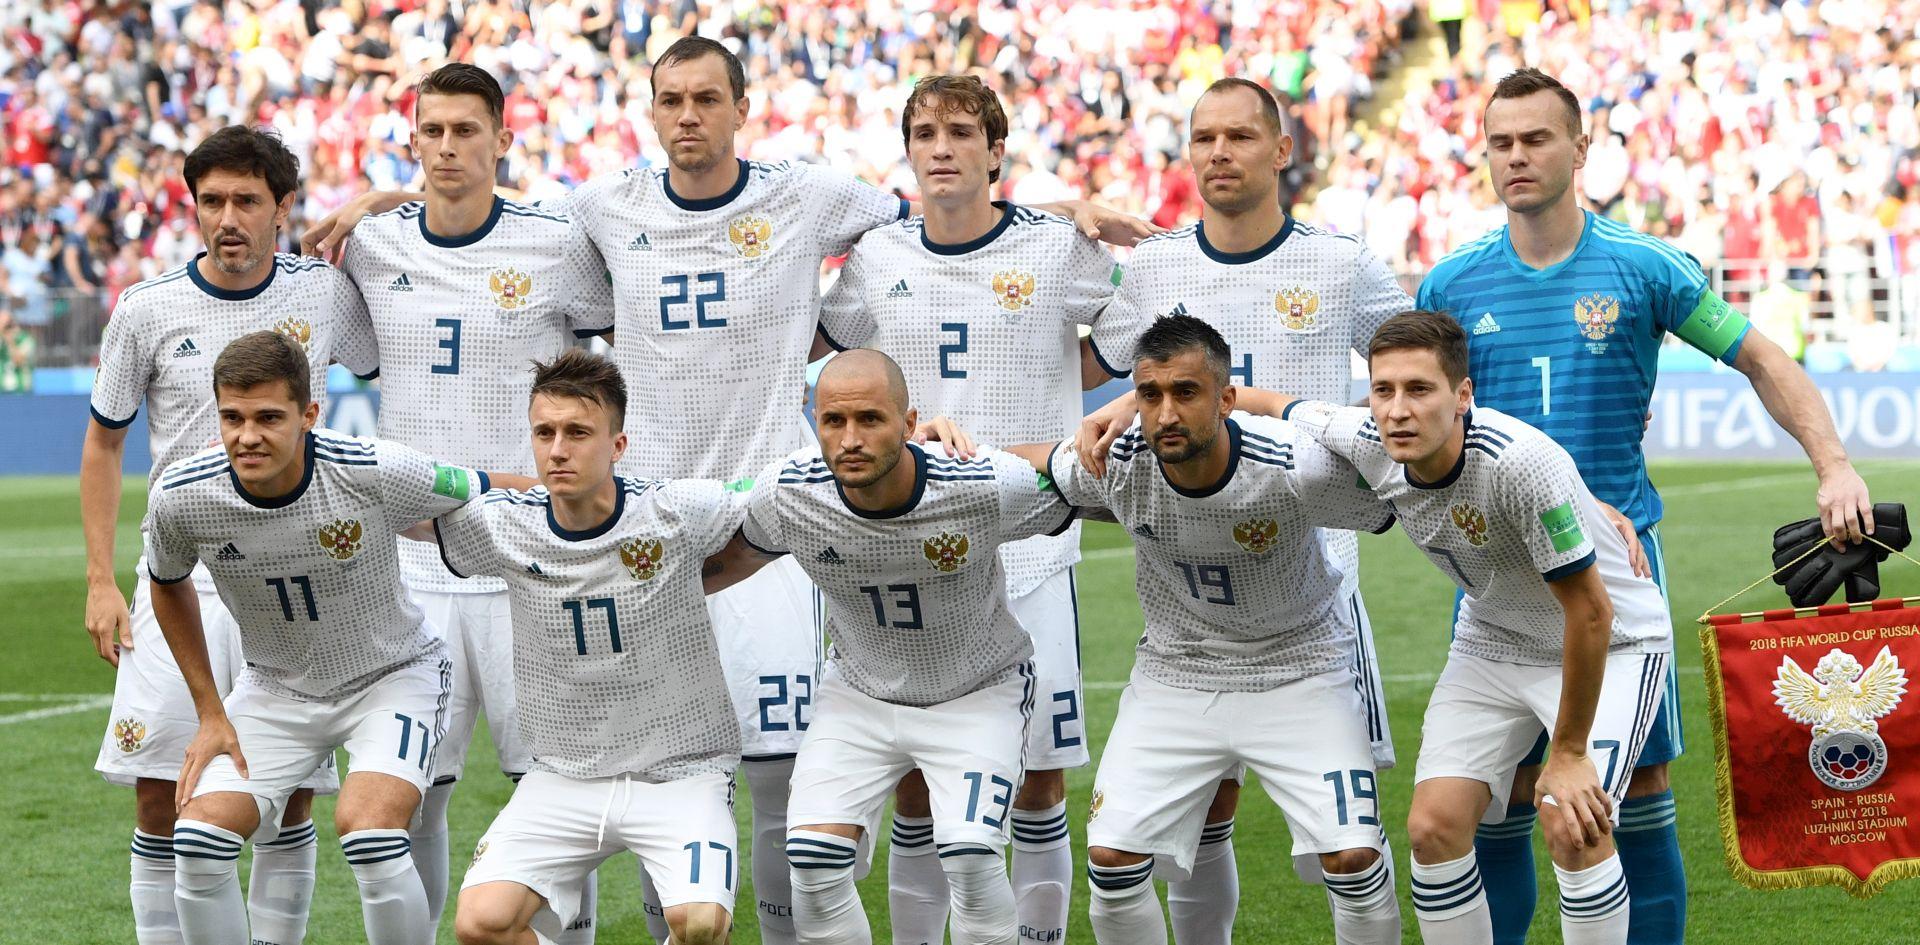 Ako Rusi prođu u polufinale, banka izdaje novu kovanicu